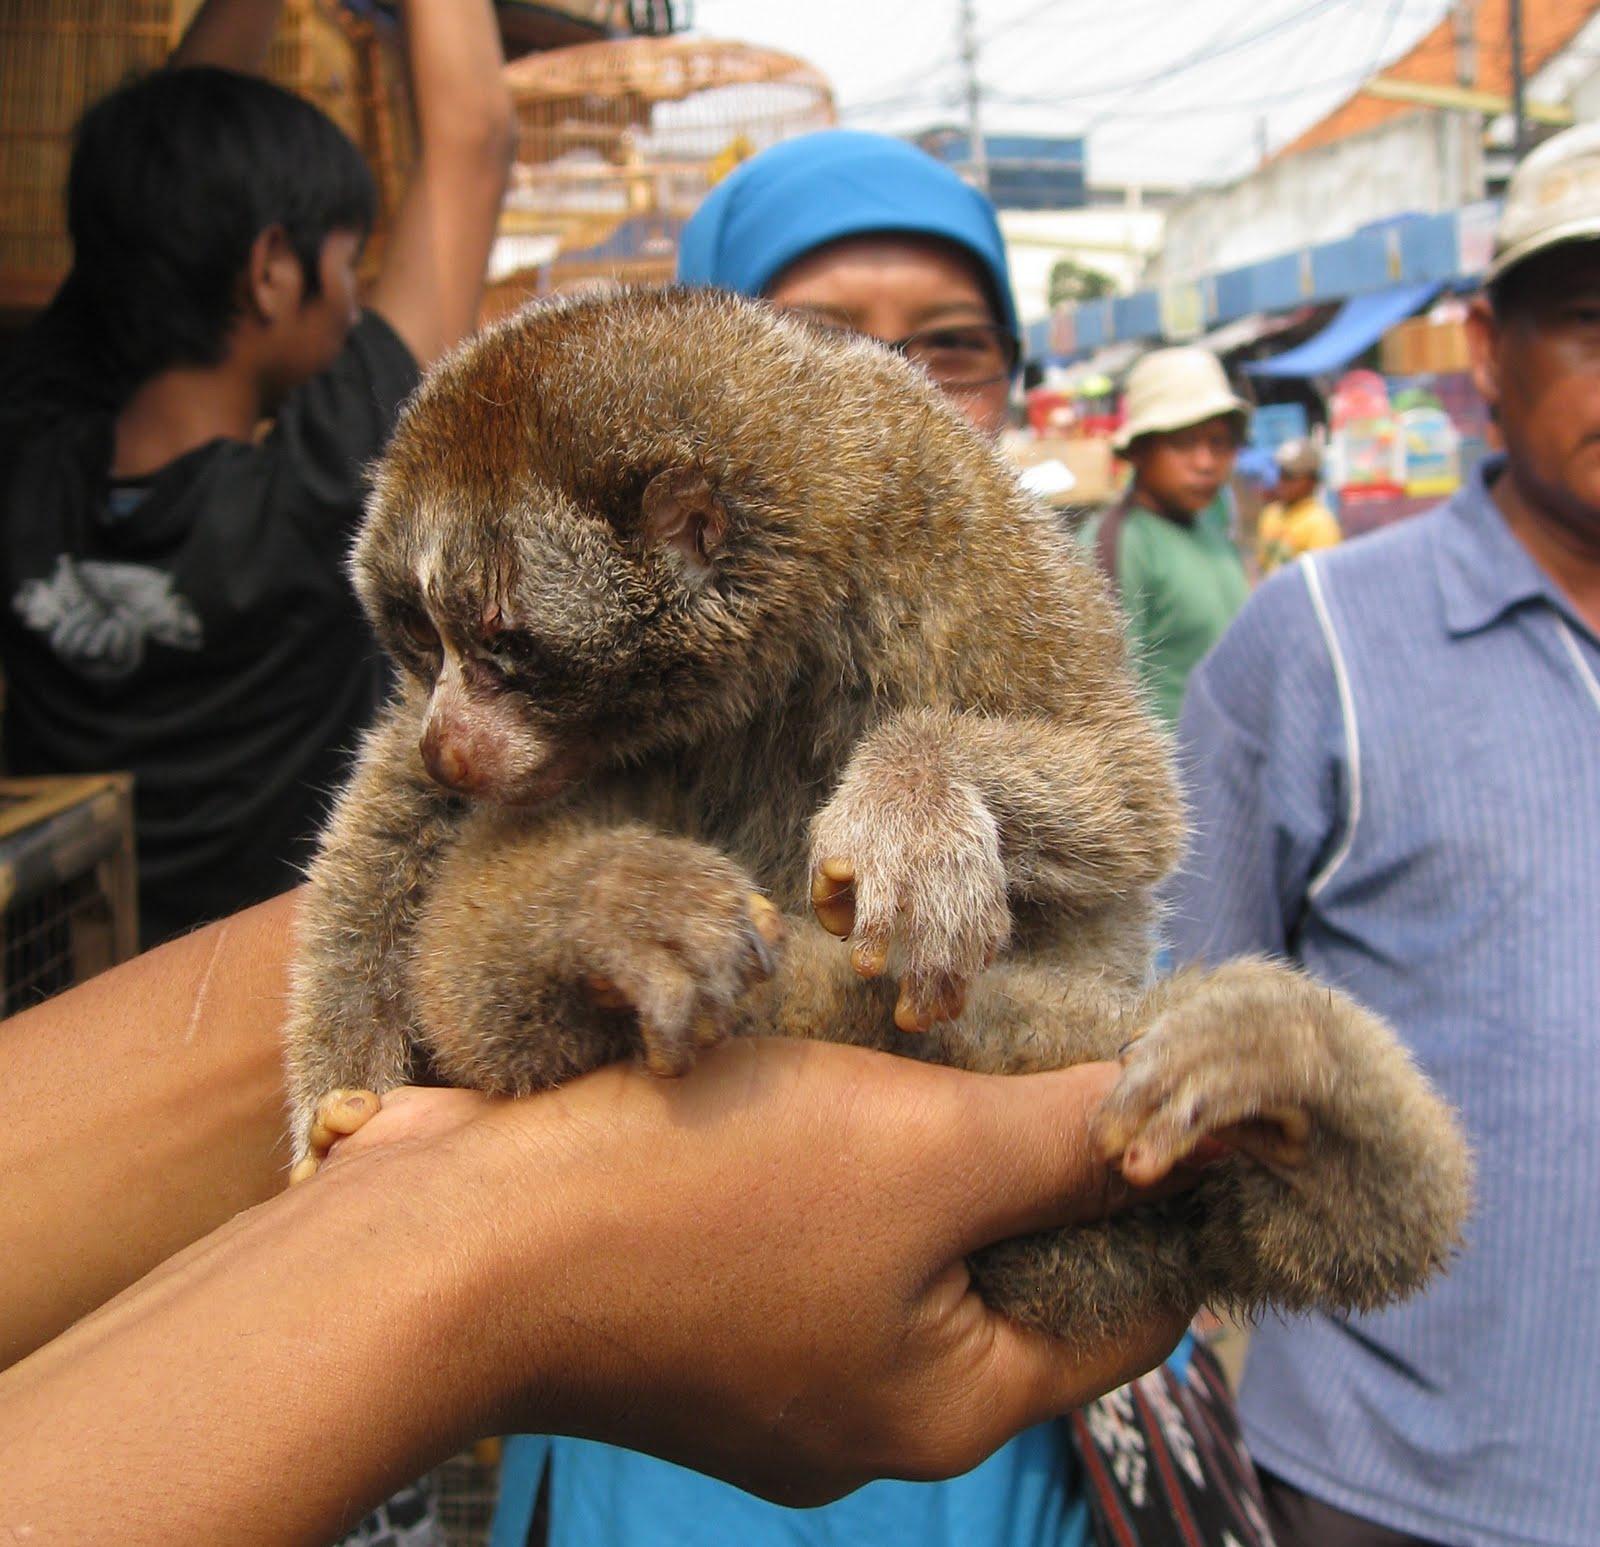 Orangutan With Pet Dog